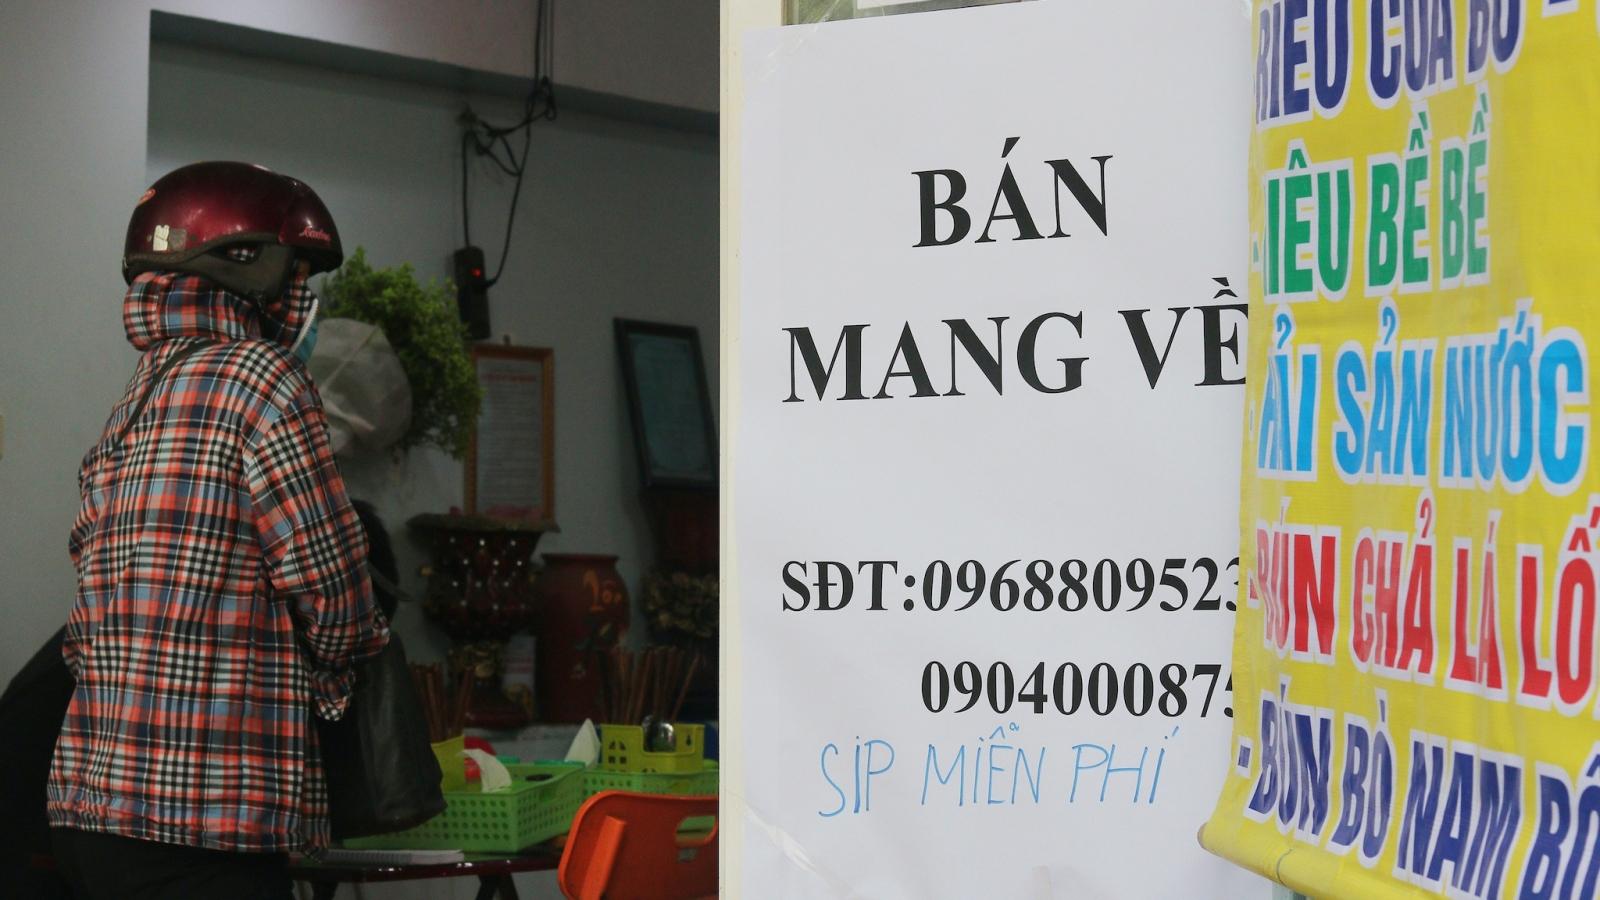 """Hà Nội: Huyện đầu tiên cho phép """"bán hàng ăn mang về"""" tại vùng xanh"""